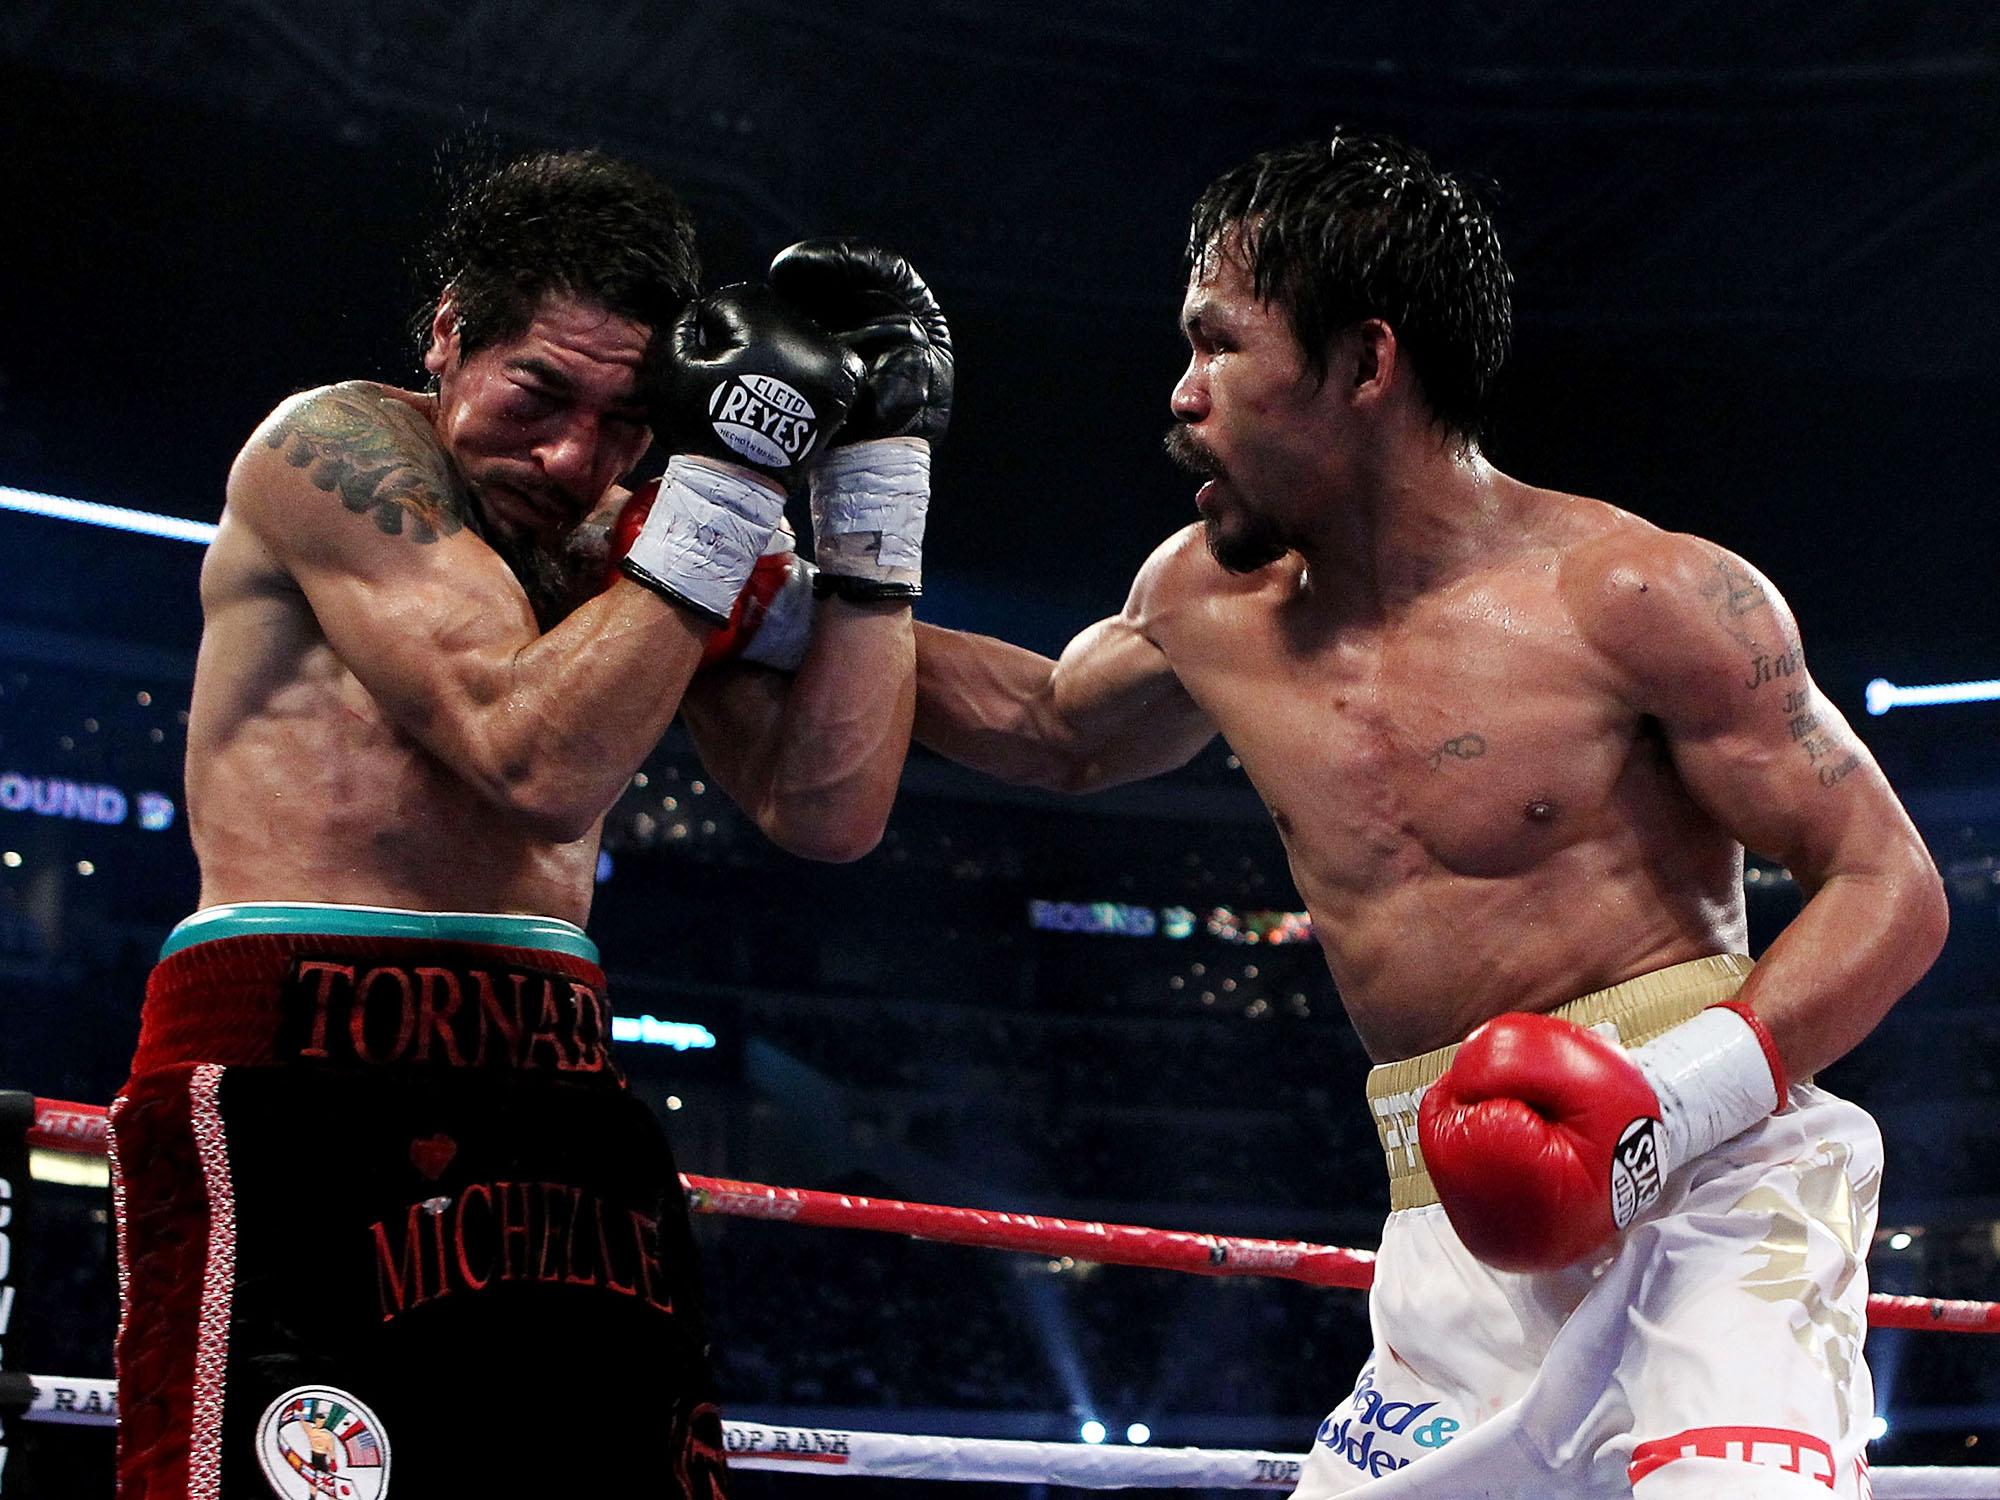 Antonio Margarito vs. Manny Pacquiao